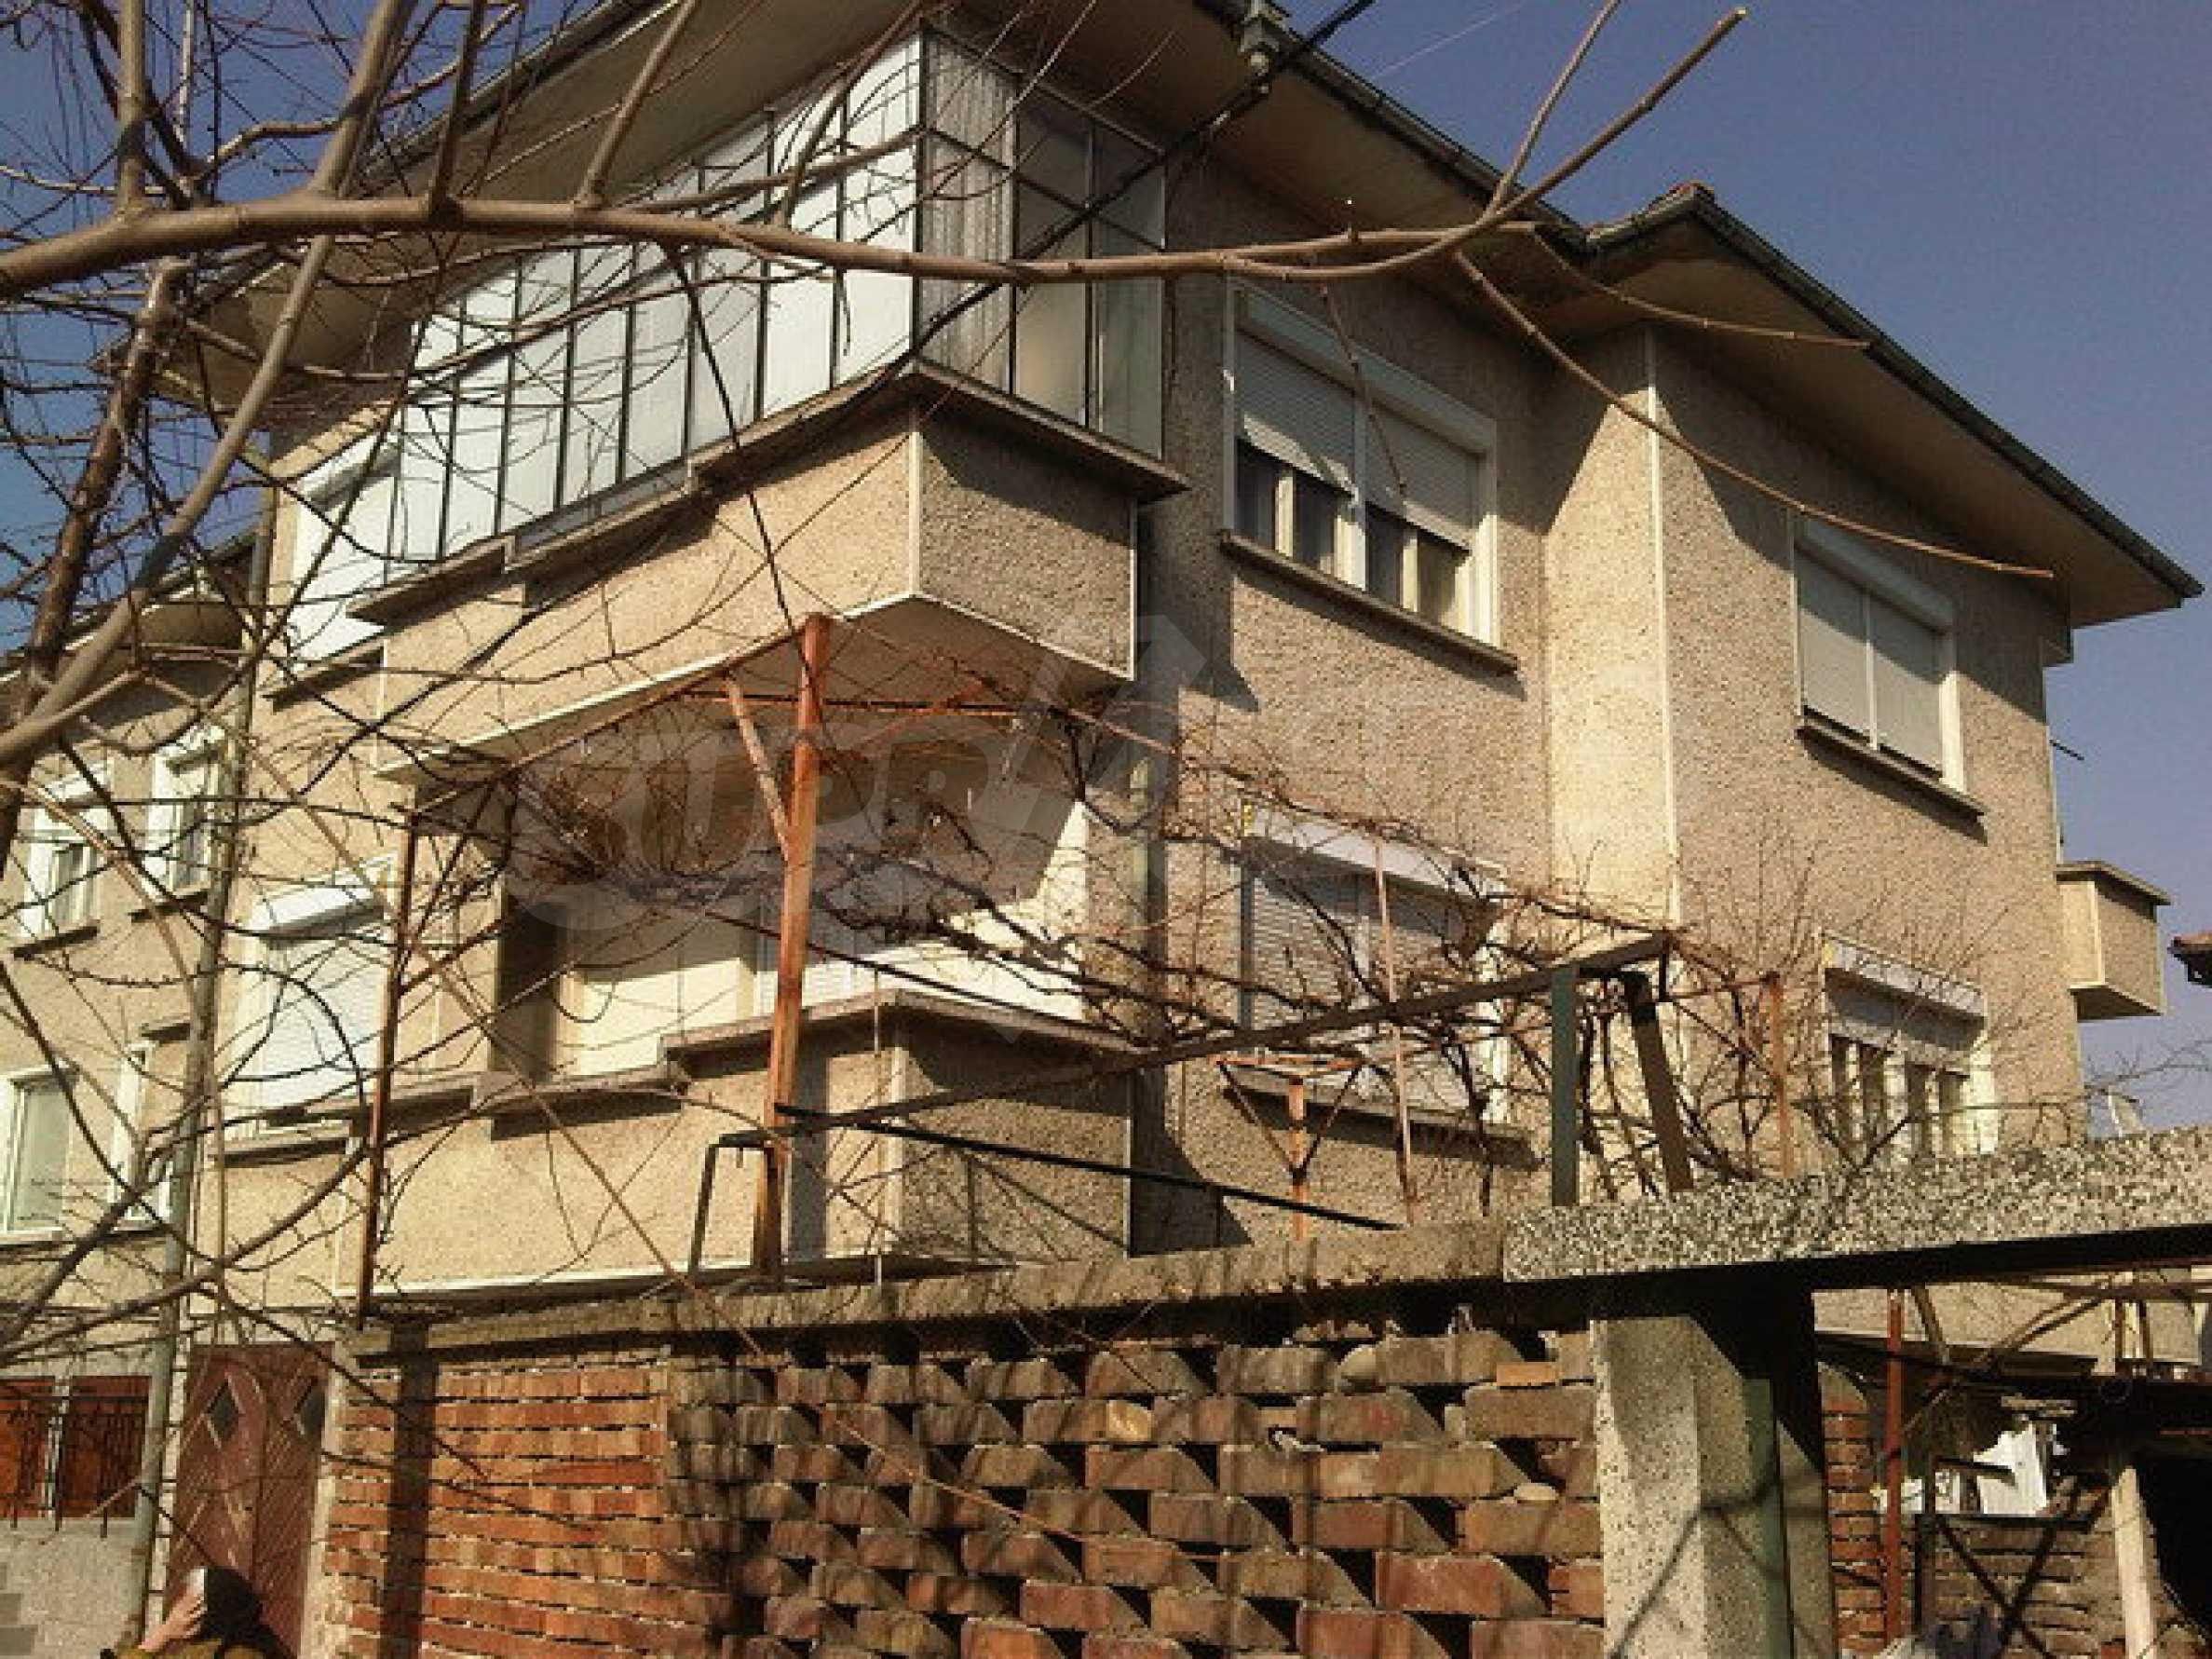 Четиристаен апартамент на втори етаж в сграда в неспосредственна близост центъра на град Севлиево